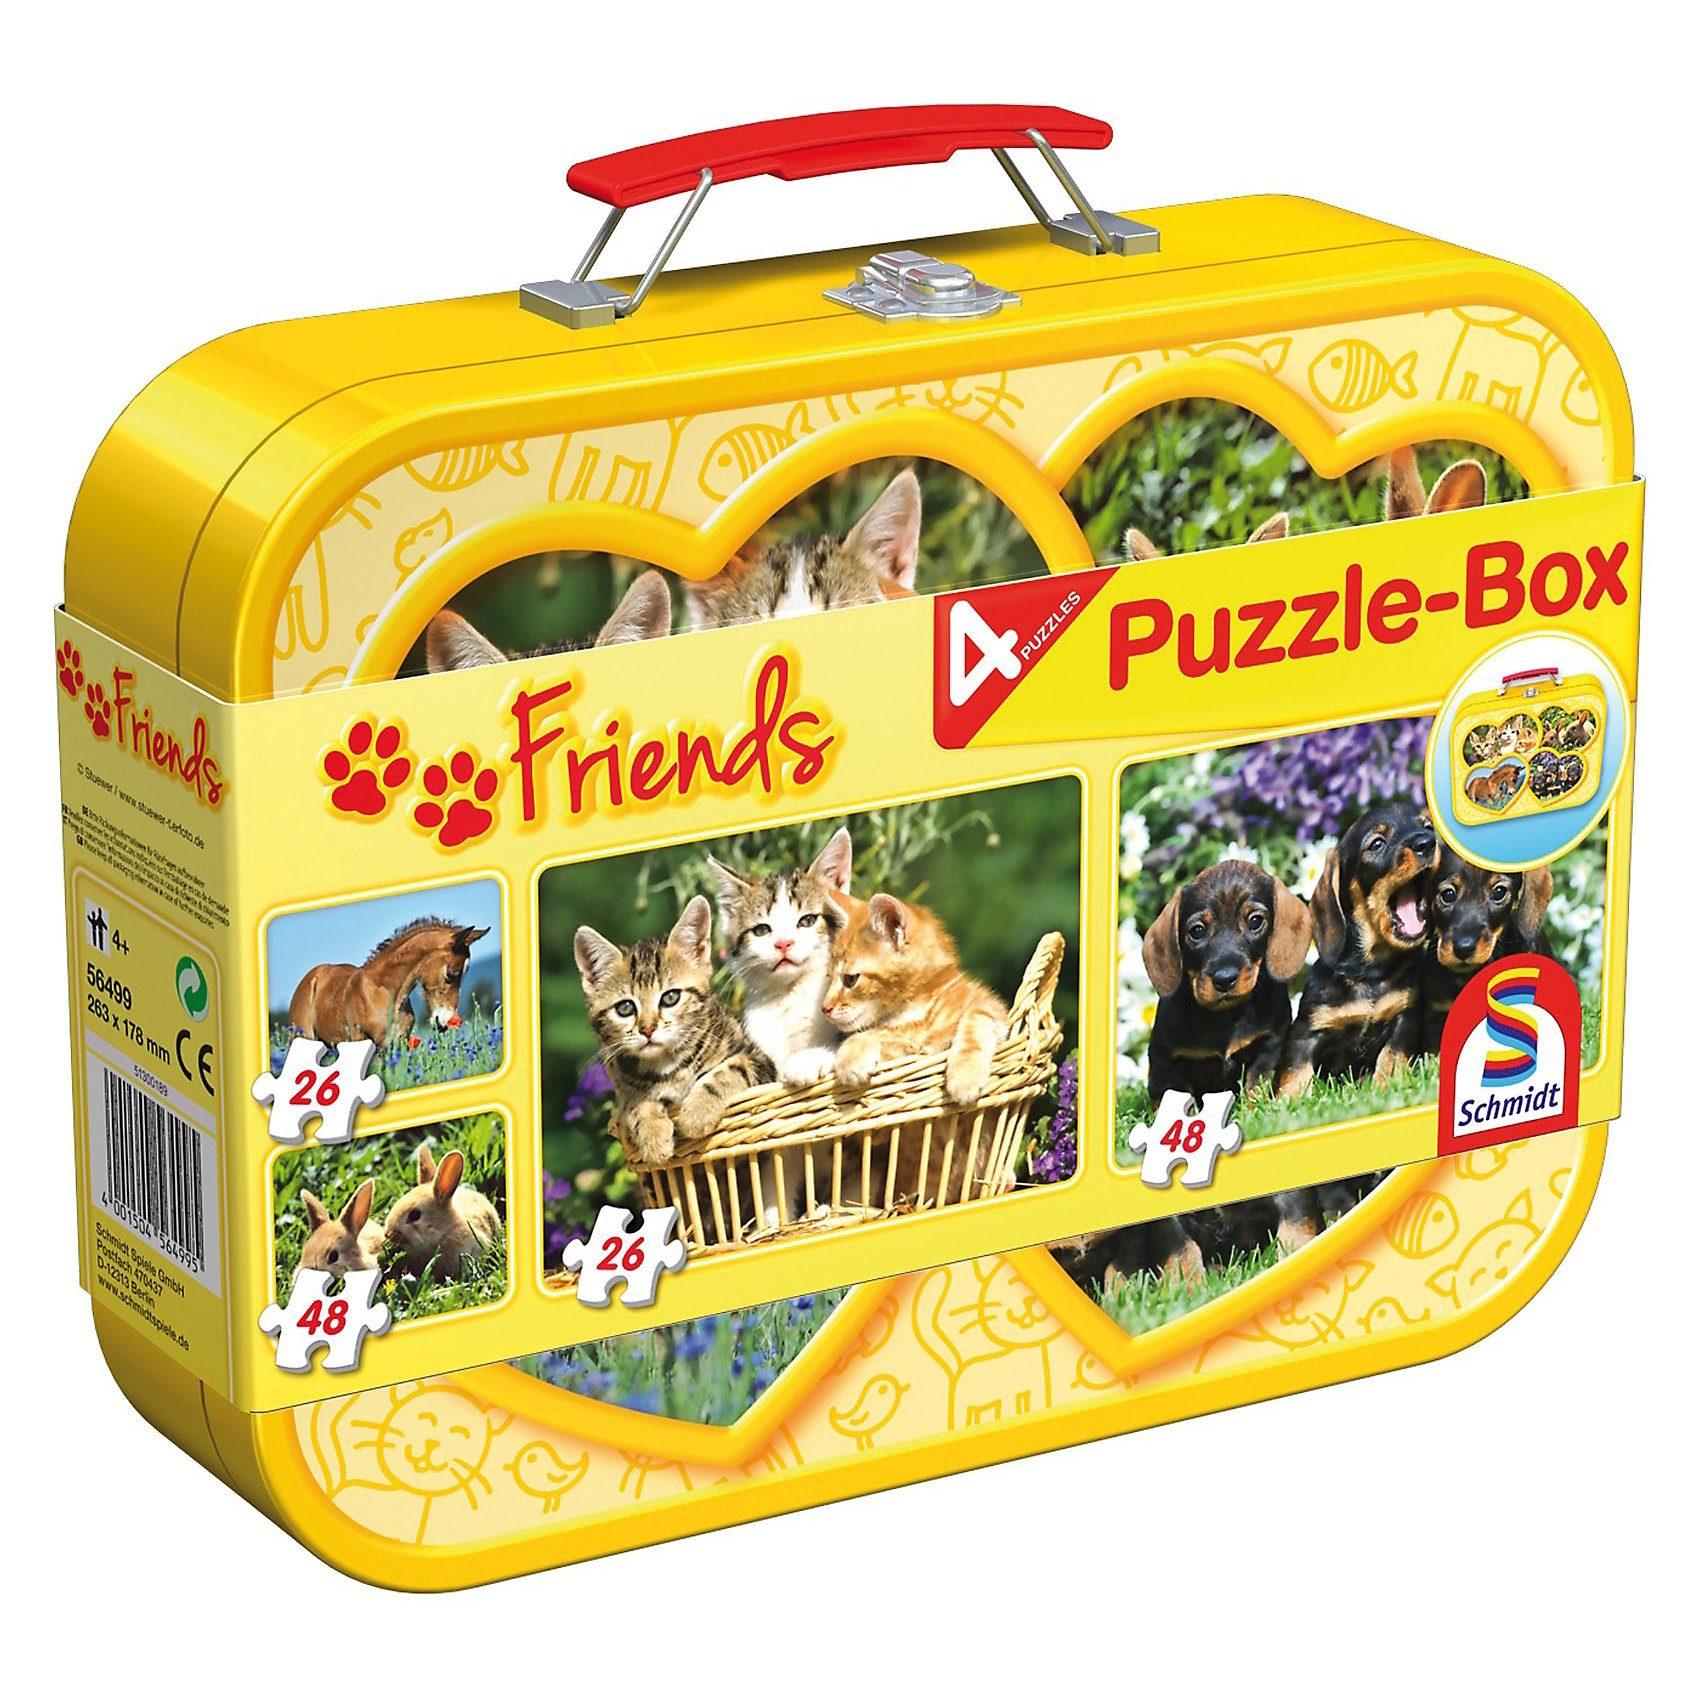 Schmidt Spiele Haustiere, Puzzle-Box 2x26, 2x48 Teile im Metallkoffer